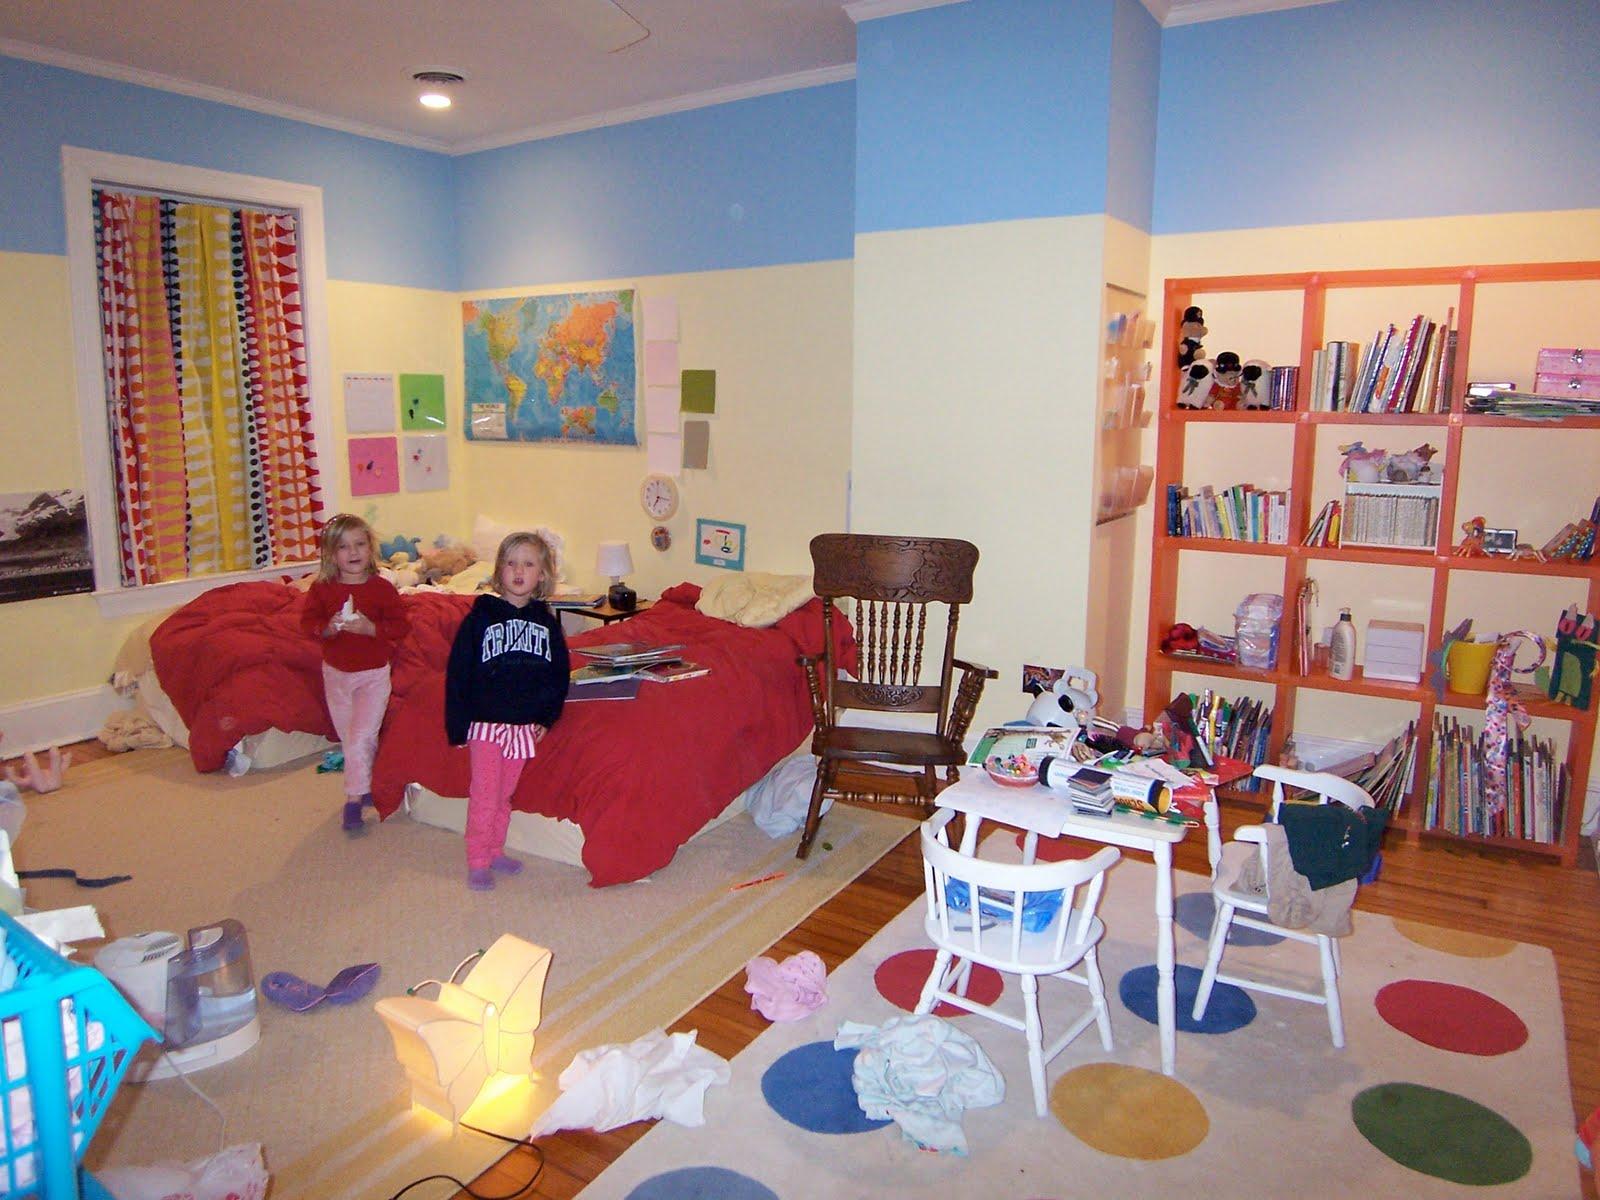 73 Best Children S Bedroom Ideas Images On Pinterest: Childrens Bedroom Ideas For Small Bedrooms